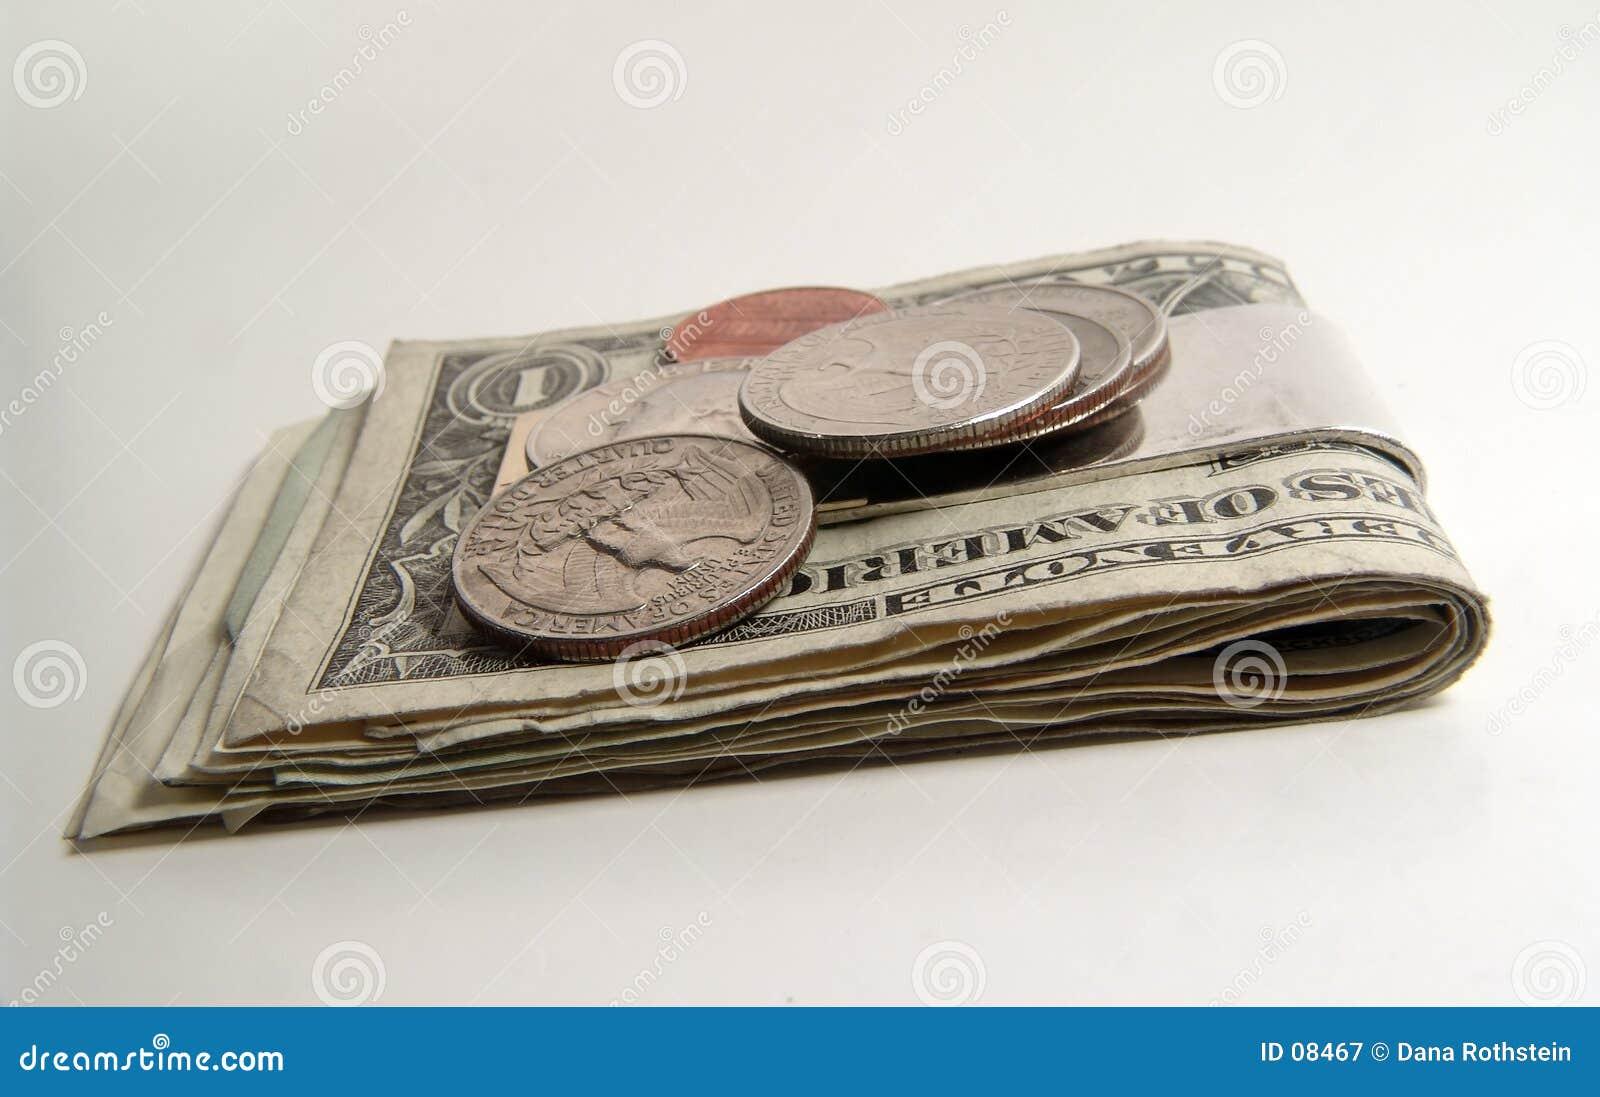 закрепите деньги